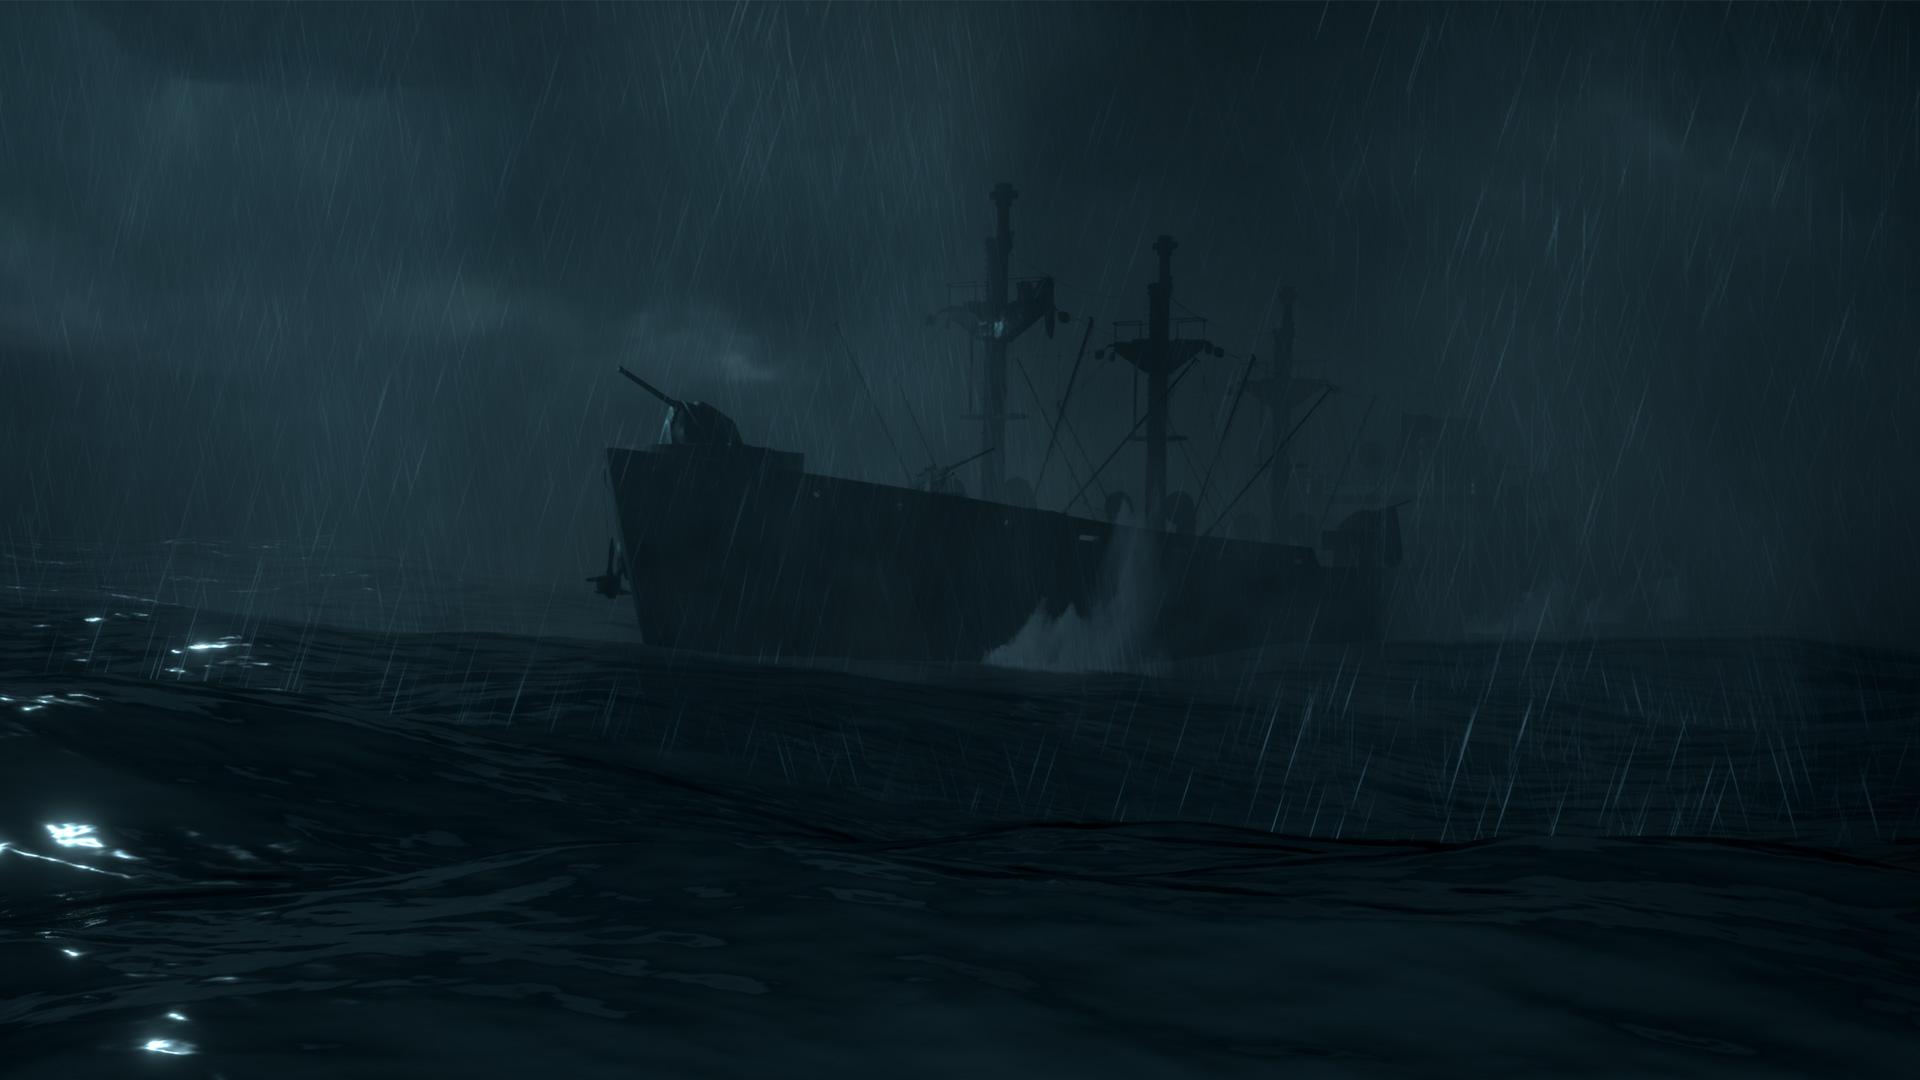 全新的惊悚体验! 踏上幽灵船,开启一段恐怖旅程.